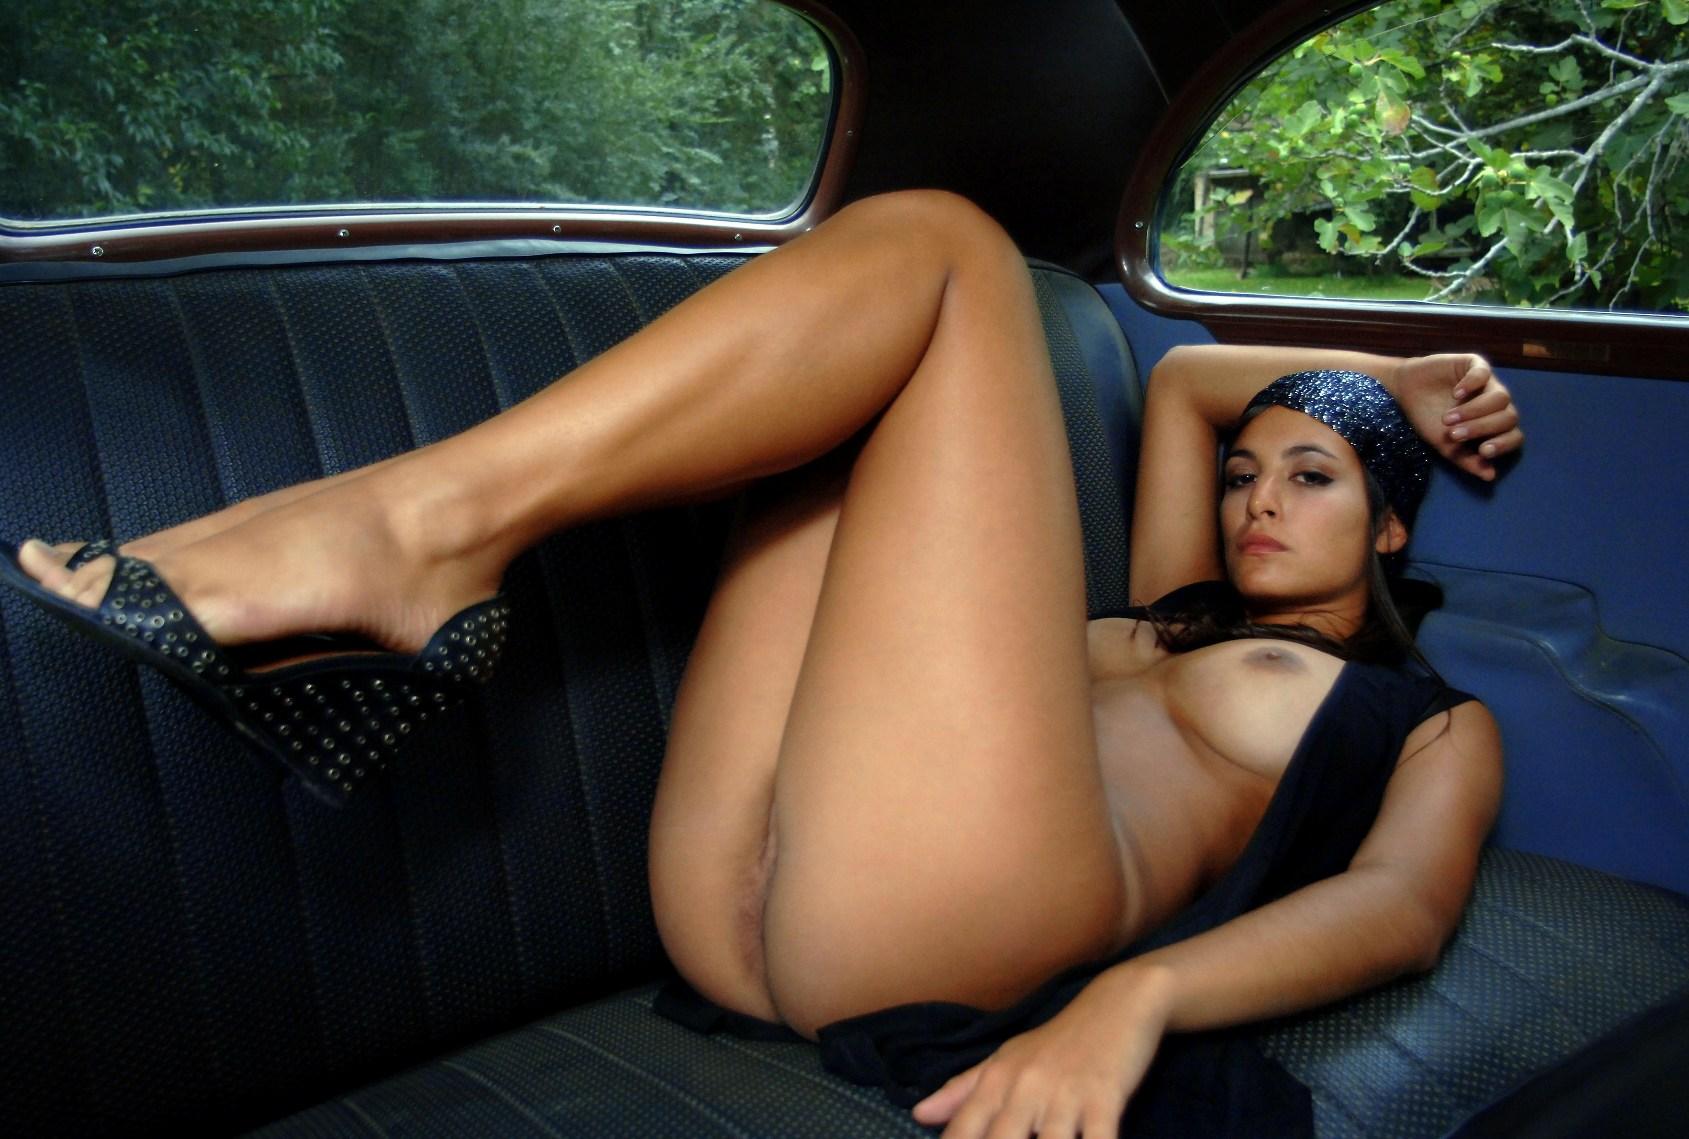 Девушки смотреть порно девушек у спортивных авто різні відео